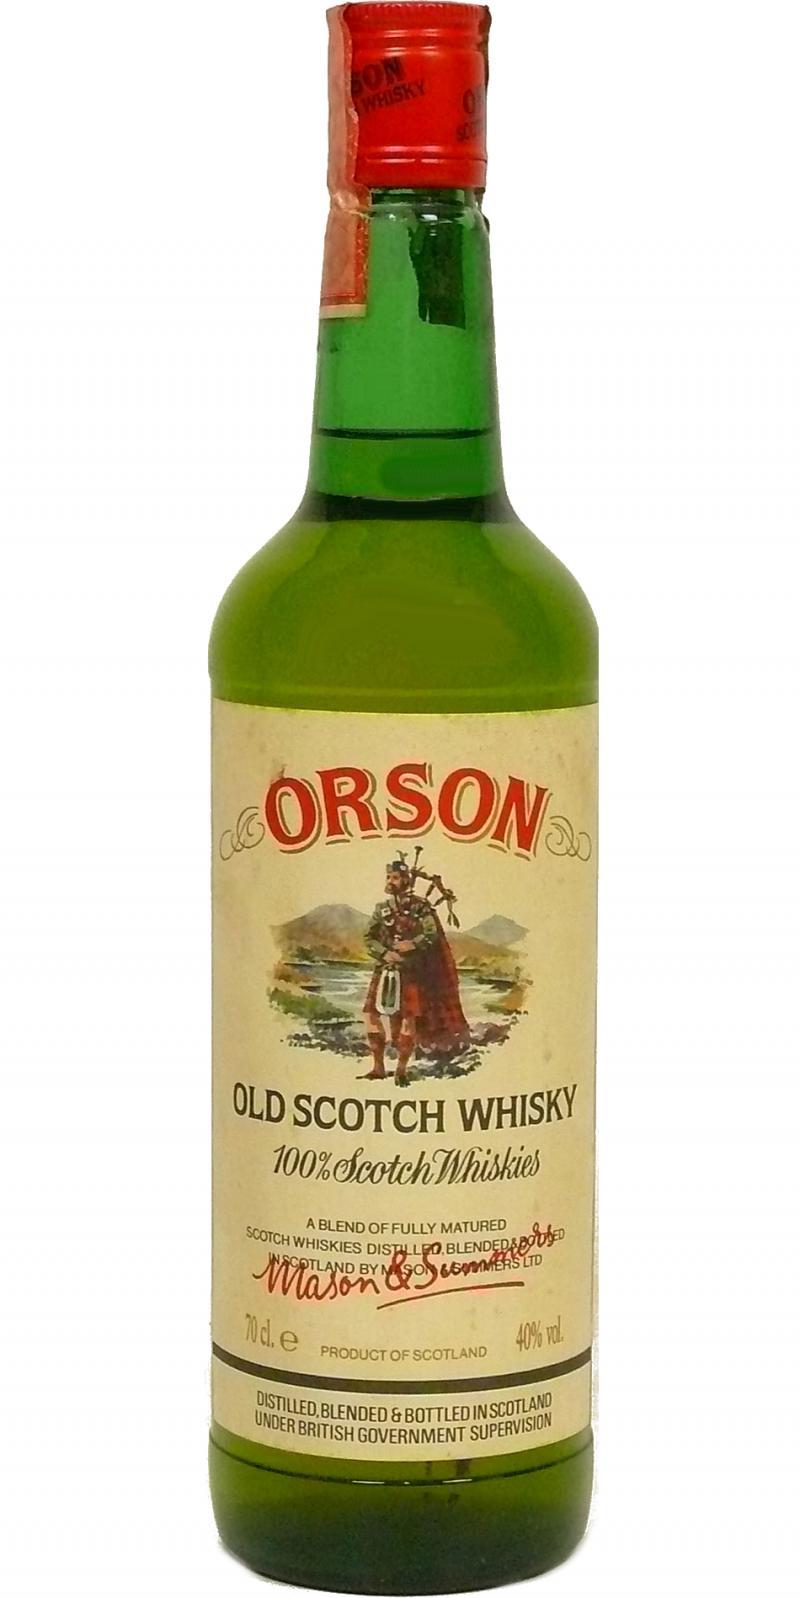 Orson Old Scotch Whisky